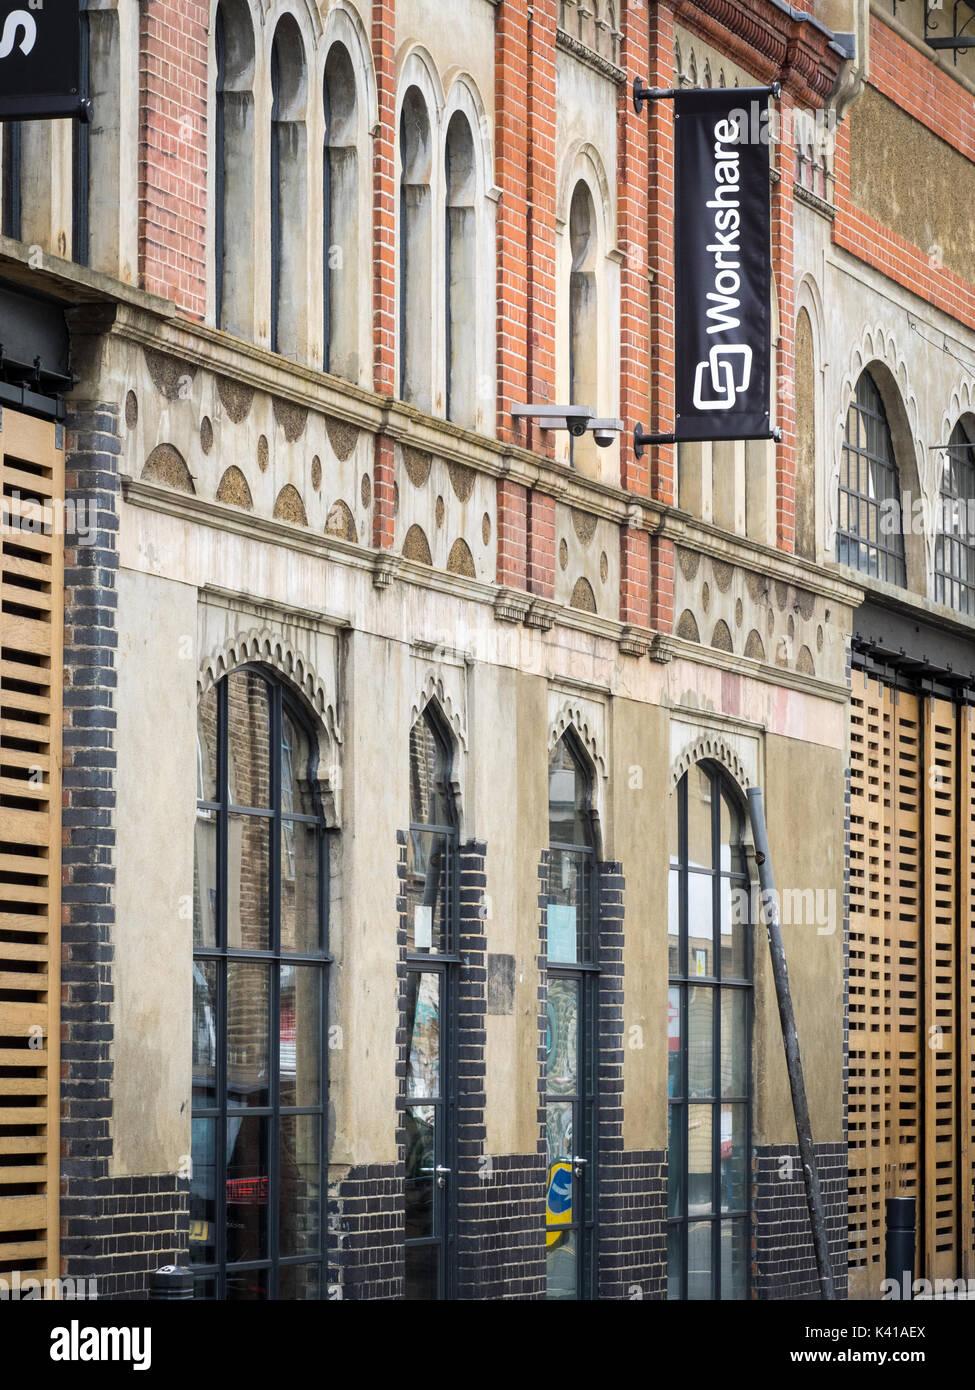 Workshare empresa de software con sede en la calle de moda en el East End de Londres Imagen De Stock